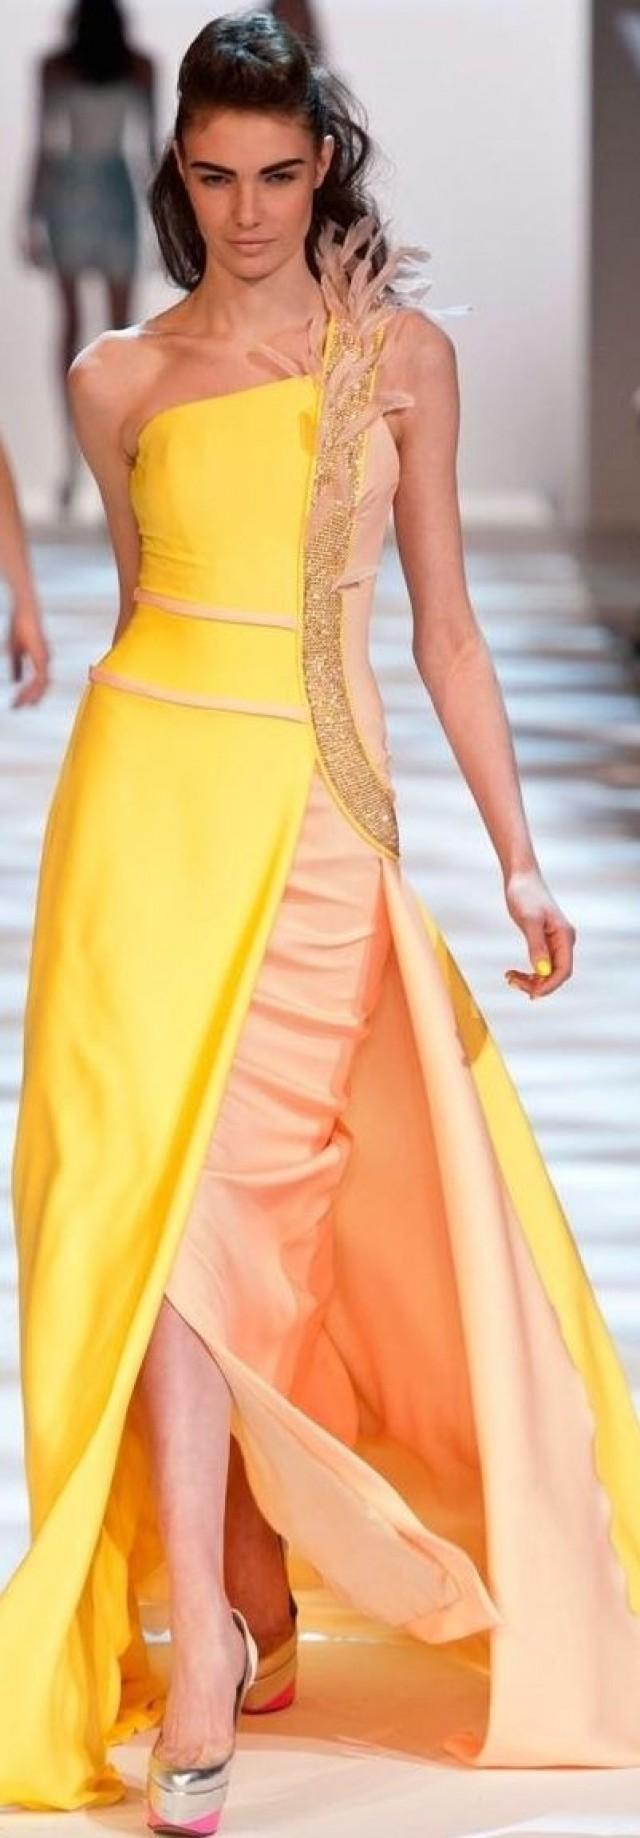 Gelbe Hochzeits  Kleider  Sehnsucht Yellows 2124317